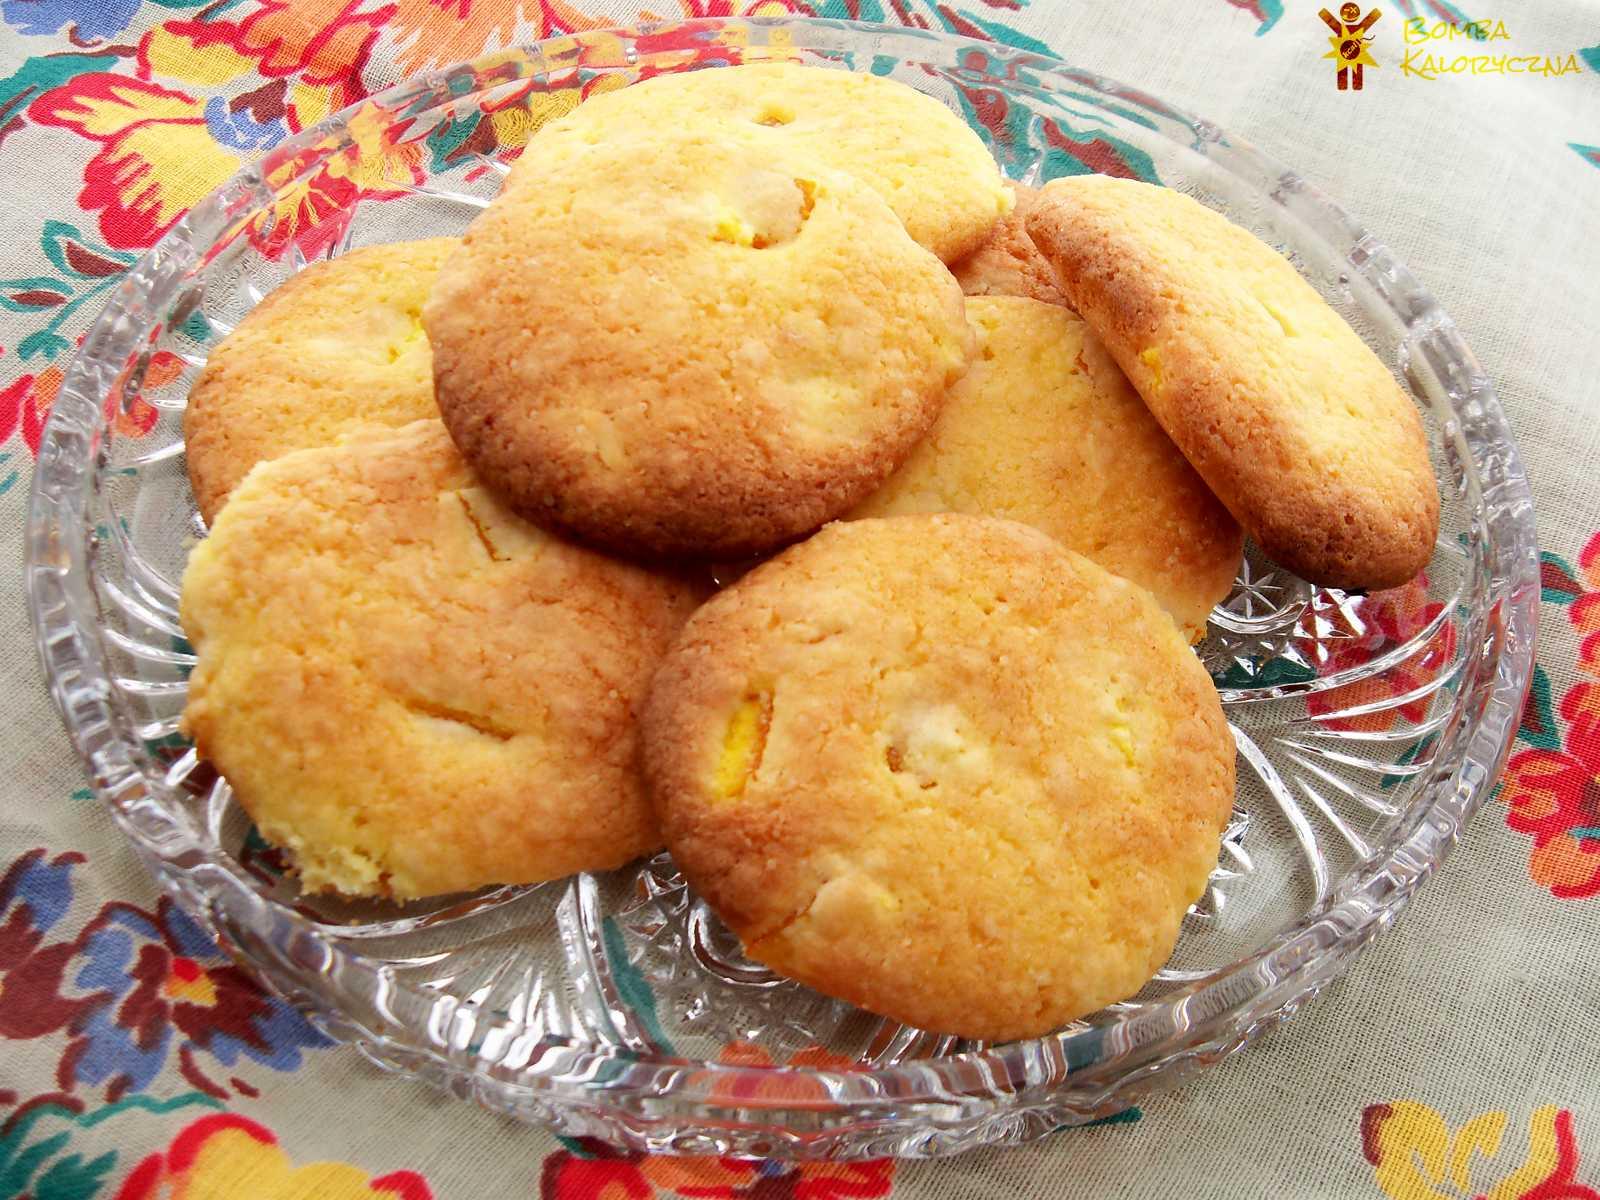 Szybkie ciasteczka pomarańczowe —Kruche ciasteczka zeskórką pomarańczową